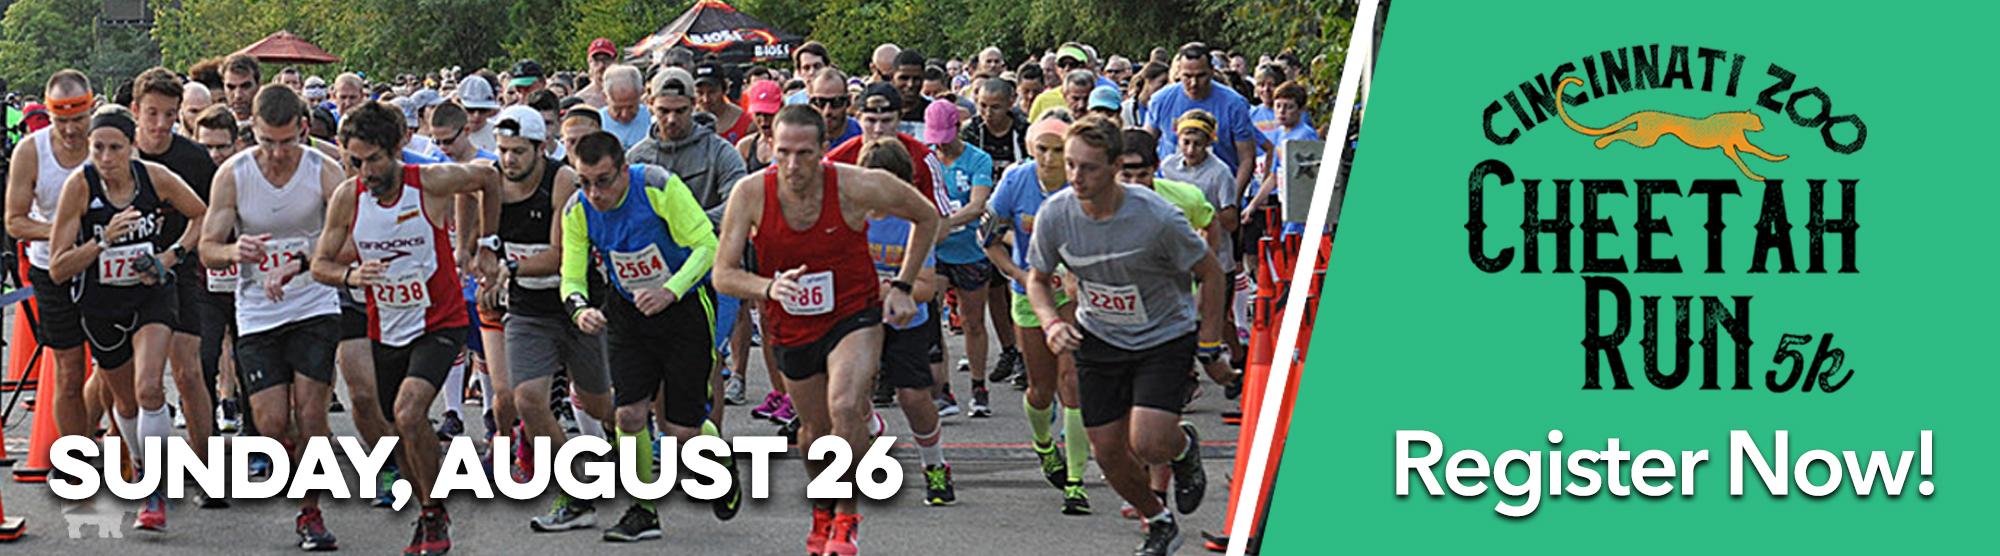 Cheetah Run 2018 header